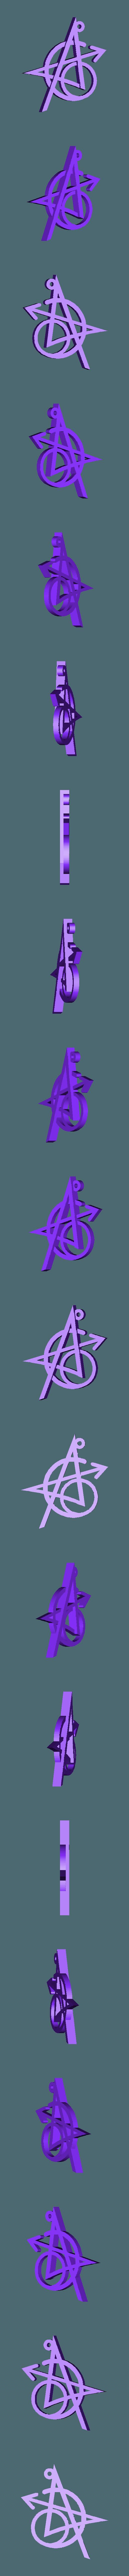 Avengers tatoo.stl Télécharger fichier STL gratuit Porte-clés tatouage des vengeurs • Plan imprimable en 3D, Angel3D